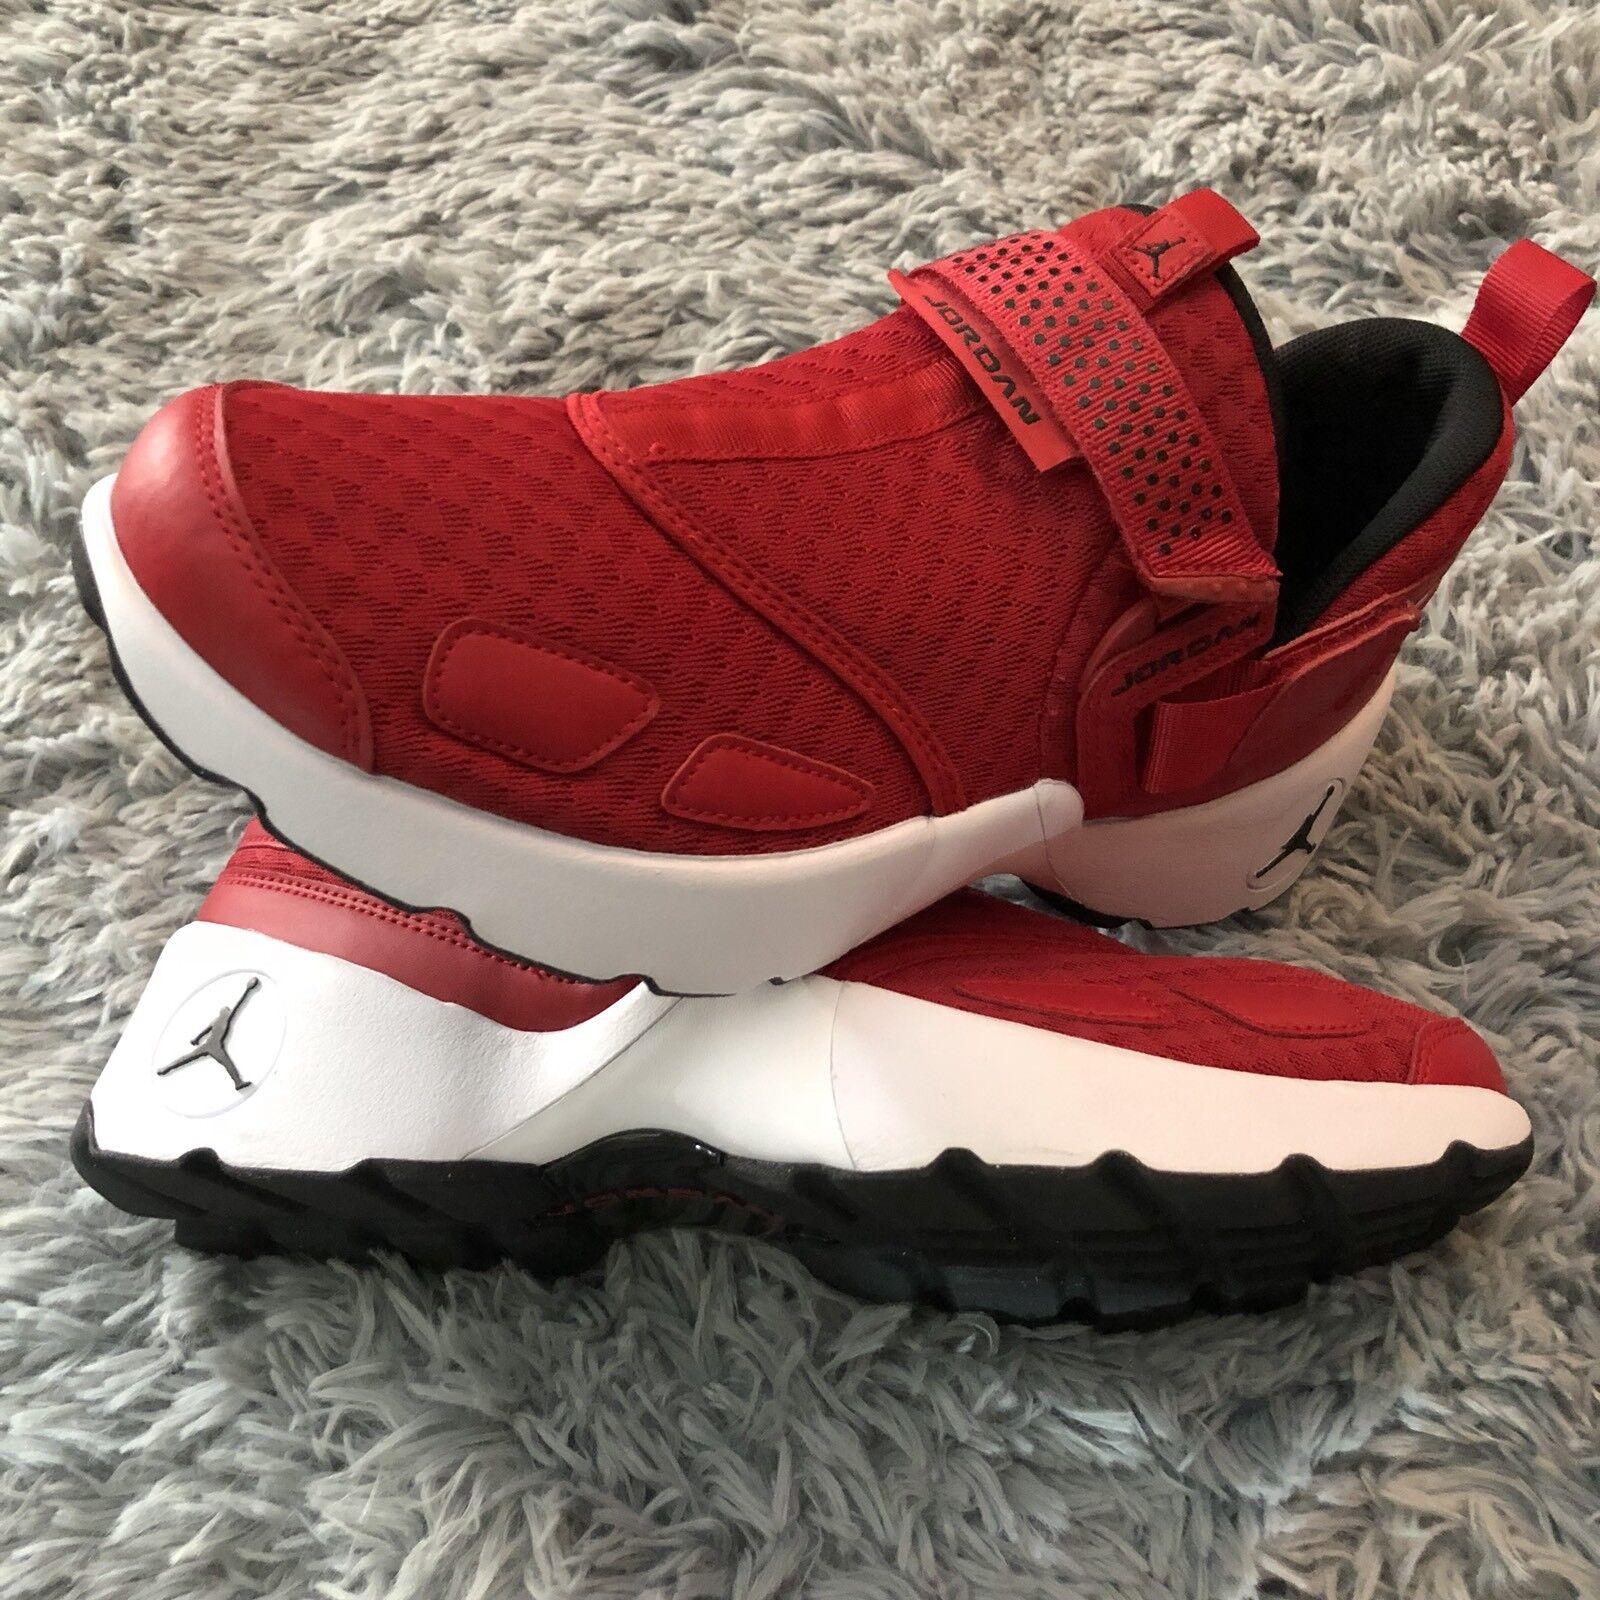 New Nike Air Jordan Trunner LX OG White Gym Red 897992 601 Men Sz 11.5